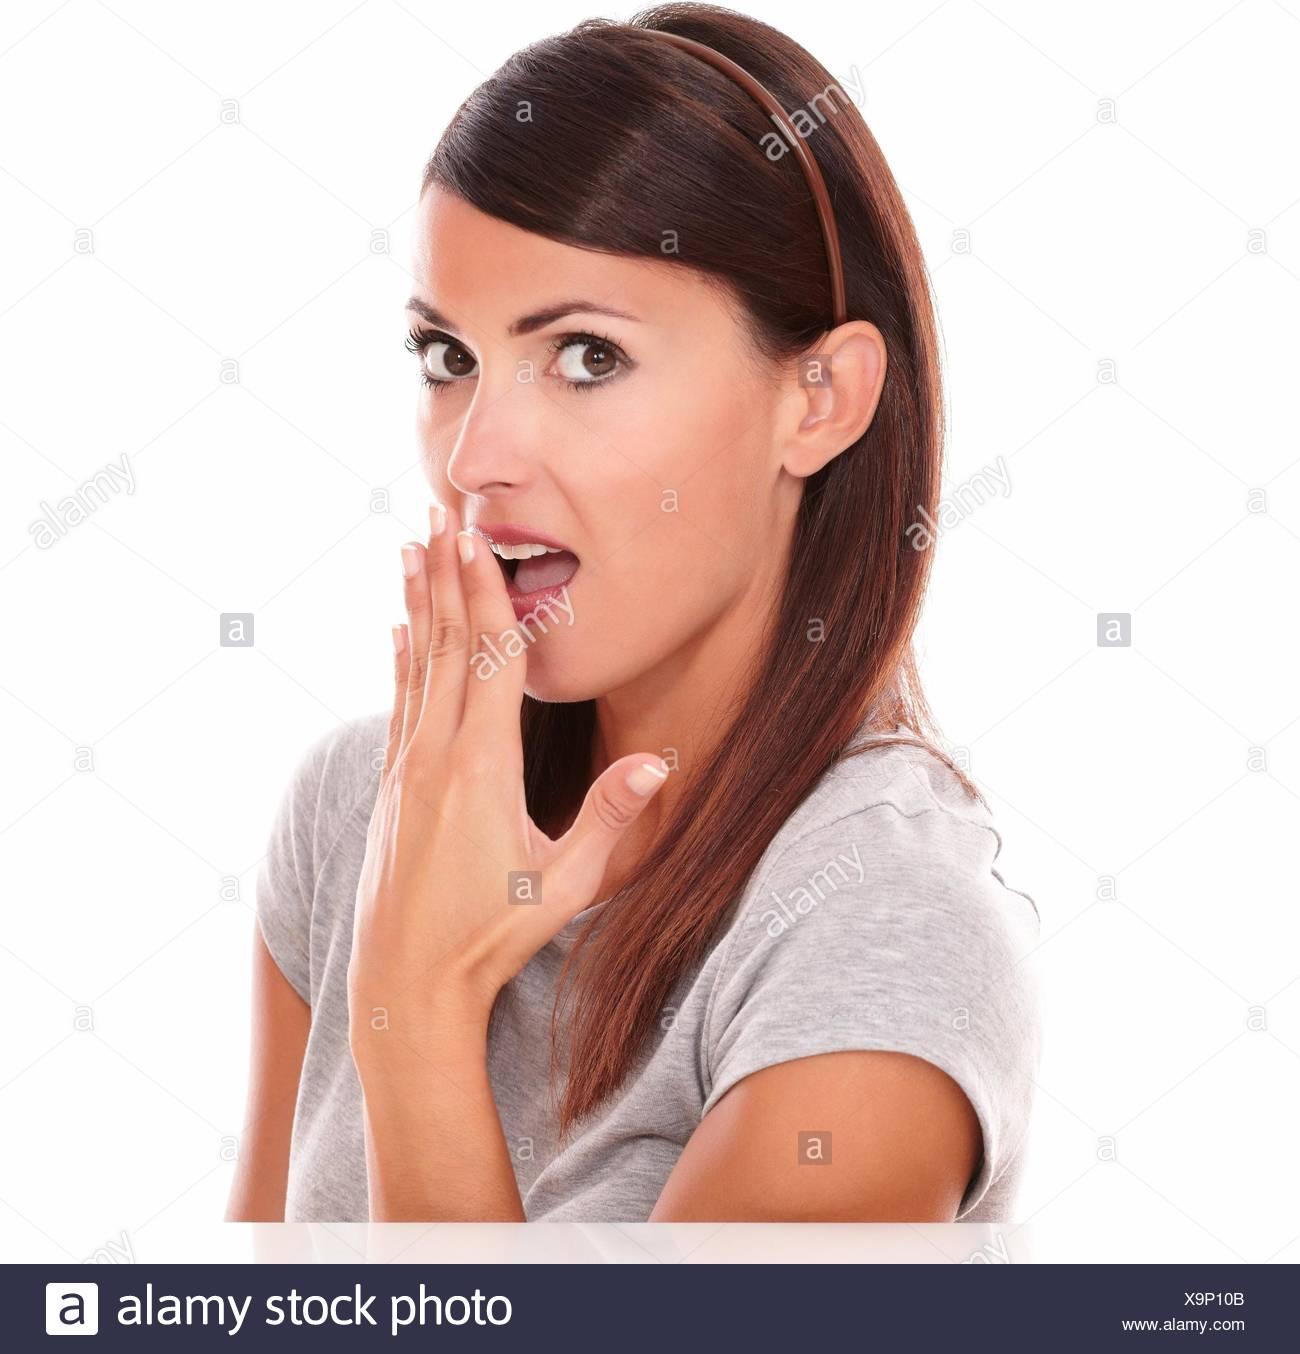 Ritratto di adulto donna latina con gesto imbarazzato guardando a voi sulla isolato sullo sfondo bianco. Immagini Stock